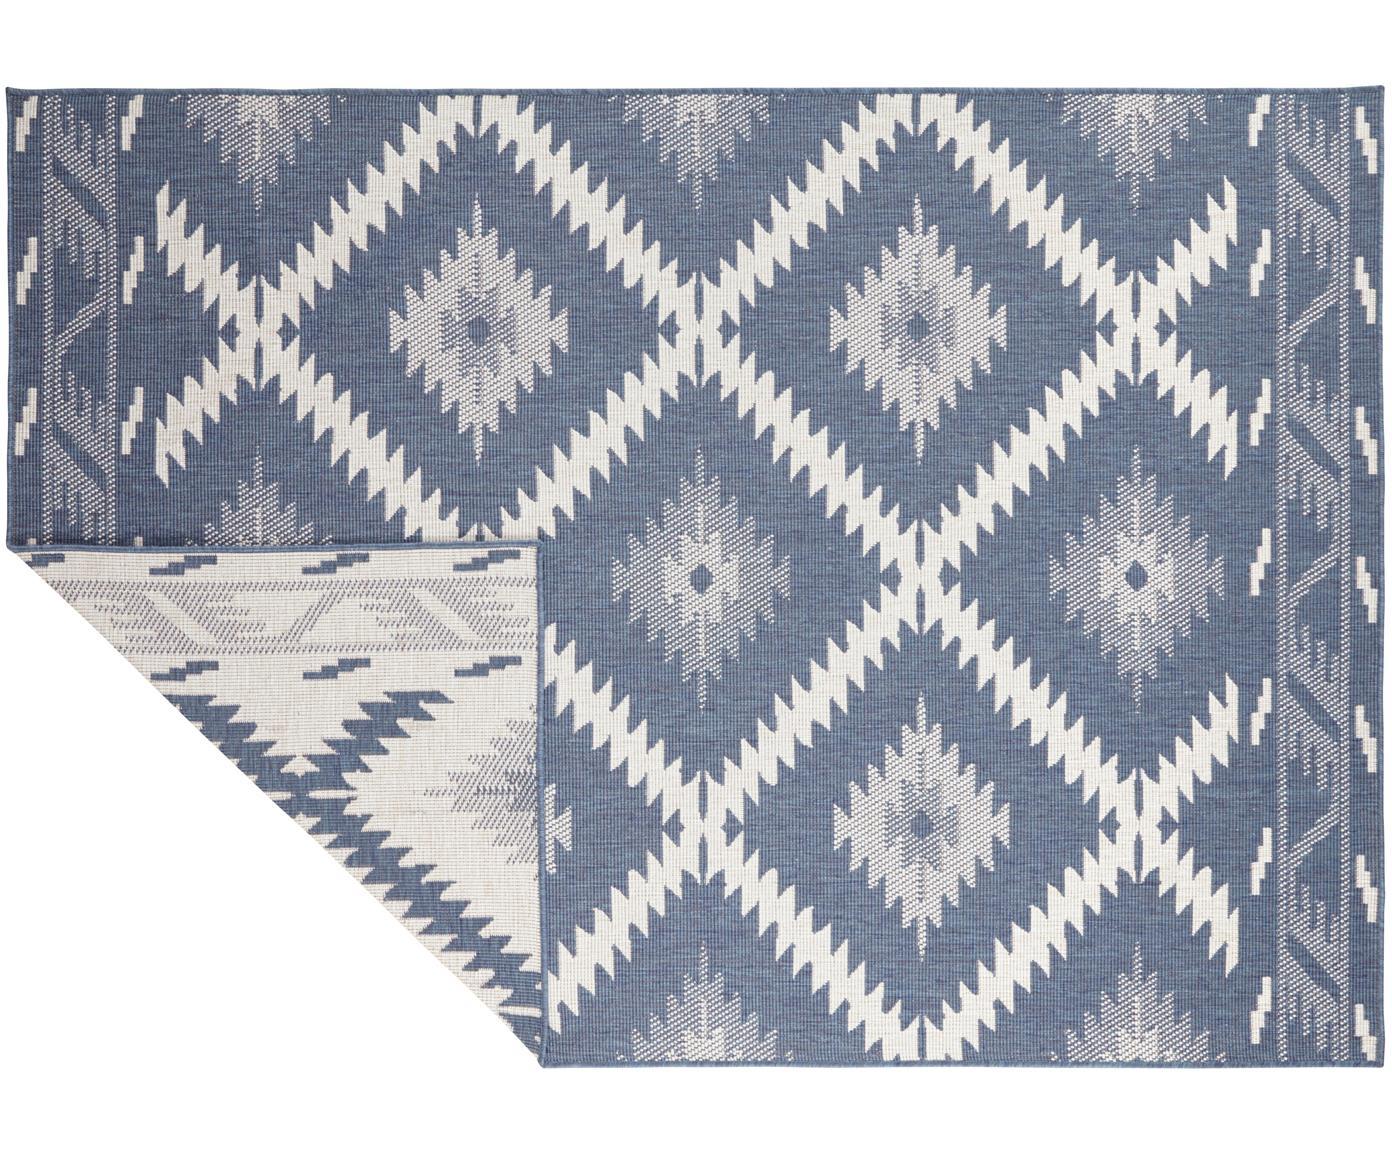 In- und Outdoor-Wendeteppich Malibu in Blau/Creme, Blau, Creme, B 120 x L 170 cm (Größe S)